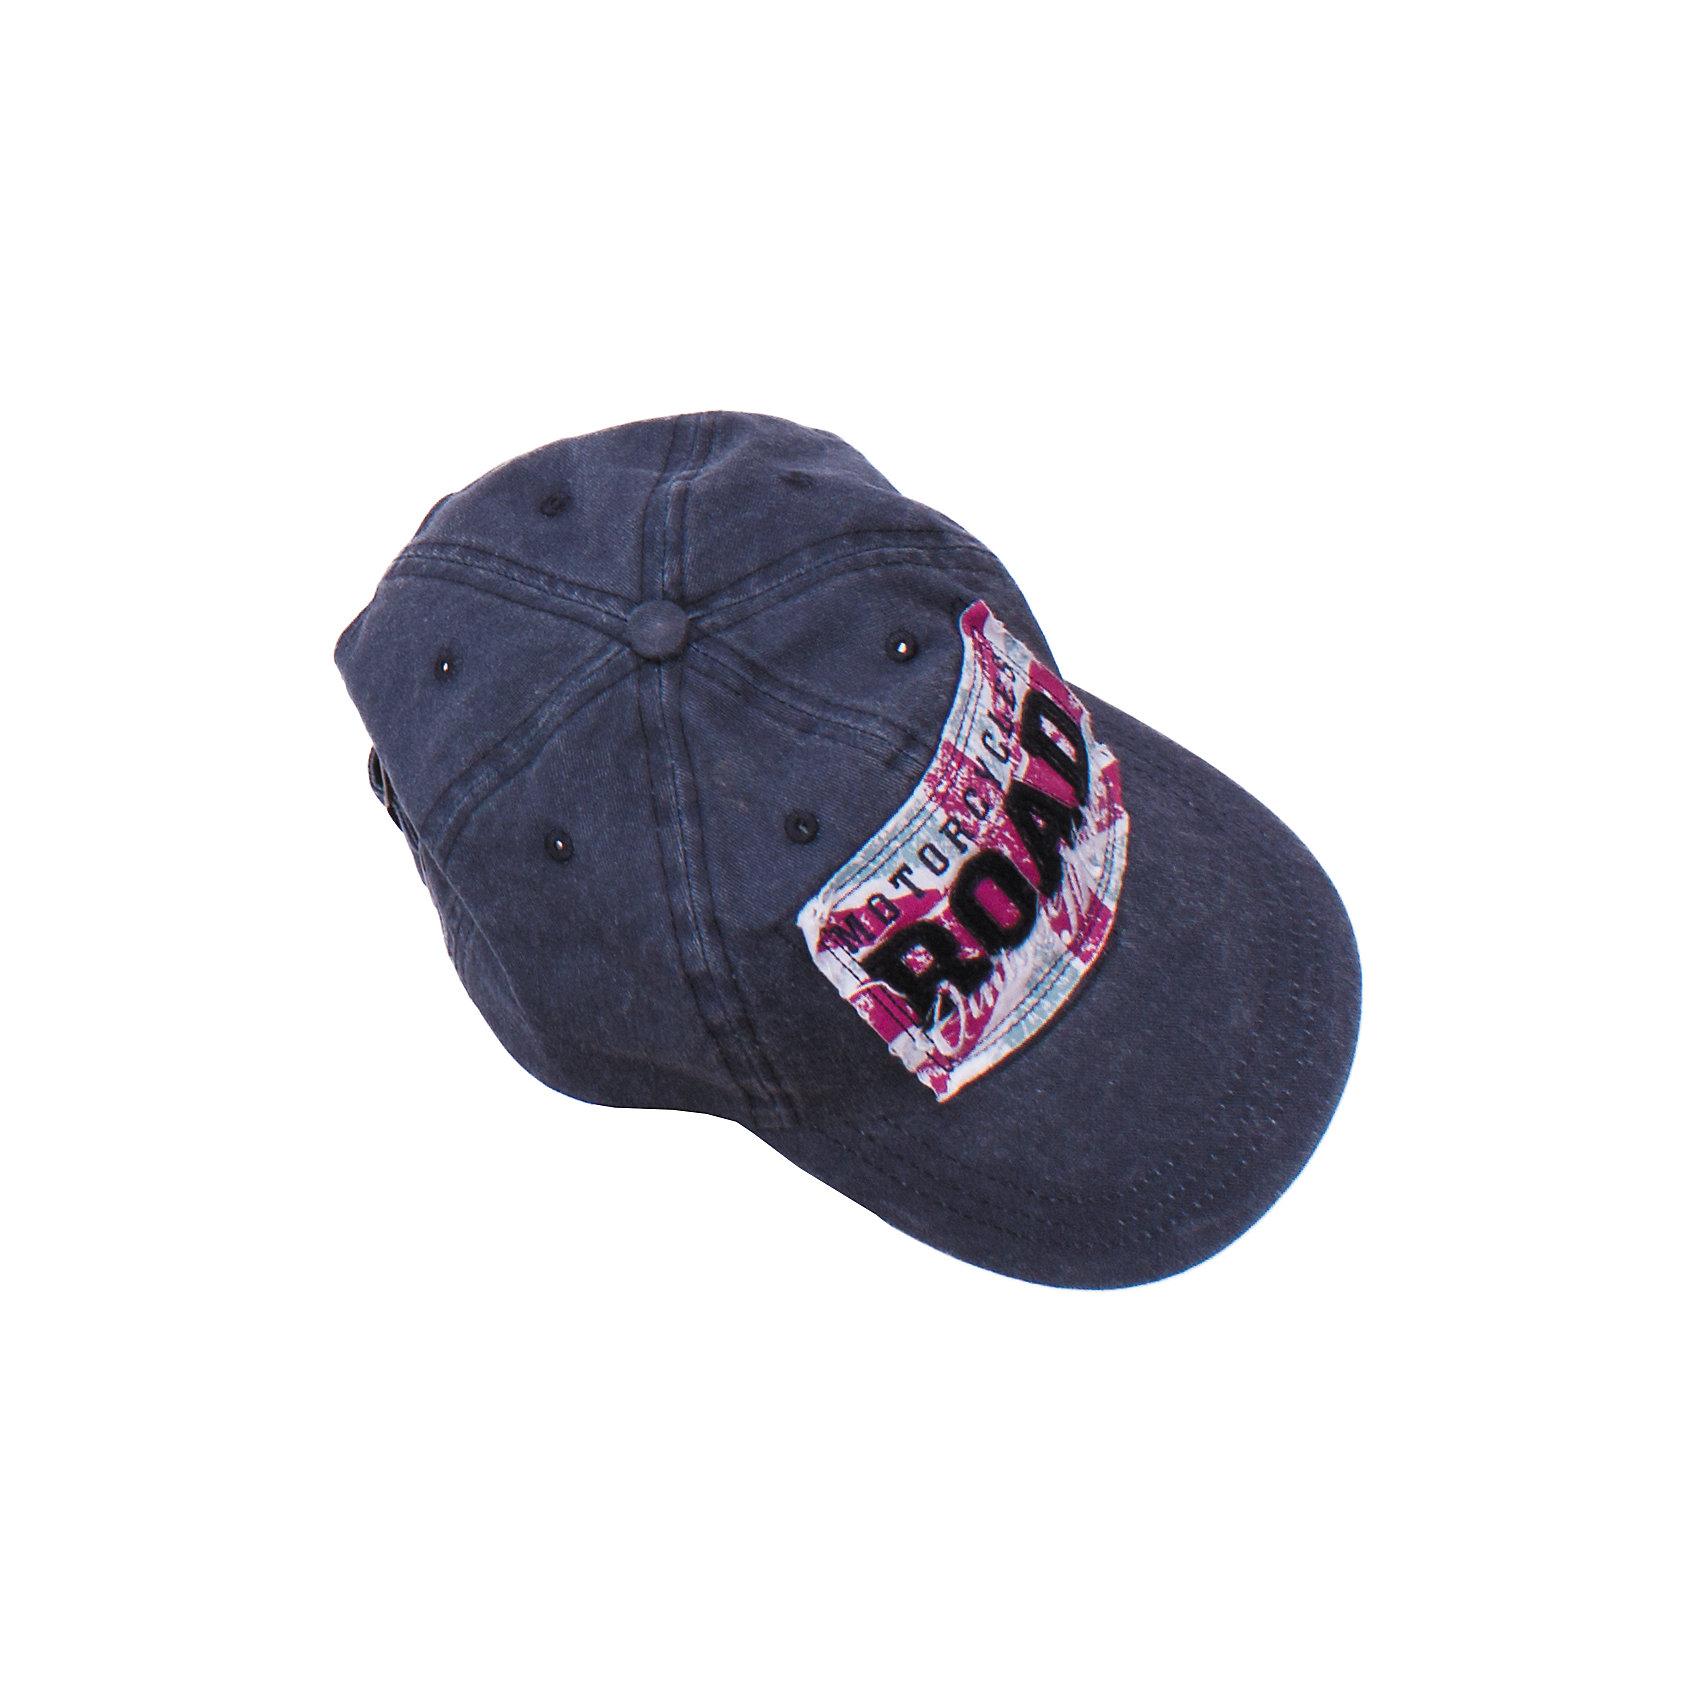 Кепка для мальчика ScoolСтильная темно-серая кепка из вареной джинсы. Украшена аппликацией с необработанными краями в стиле британского флага. Удобно застегивается на кнопку. Состав: 100% хлопок<br><br>Ширина мм: 89<br>Глубина мм: 117<br>Высота мм: 44<br>Вес г: 155<br>Цвет: серый<br>Возраст от месяцев: 60<br>Возраст до месяцев: 72<br>Пол: Мужской<br>Возраст: Детский<br>Размер: 54,56<br>SKU: 4652824